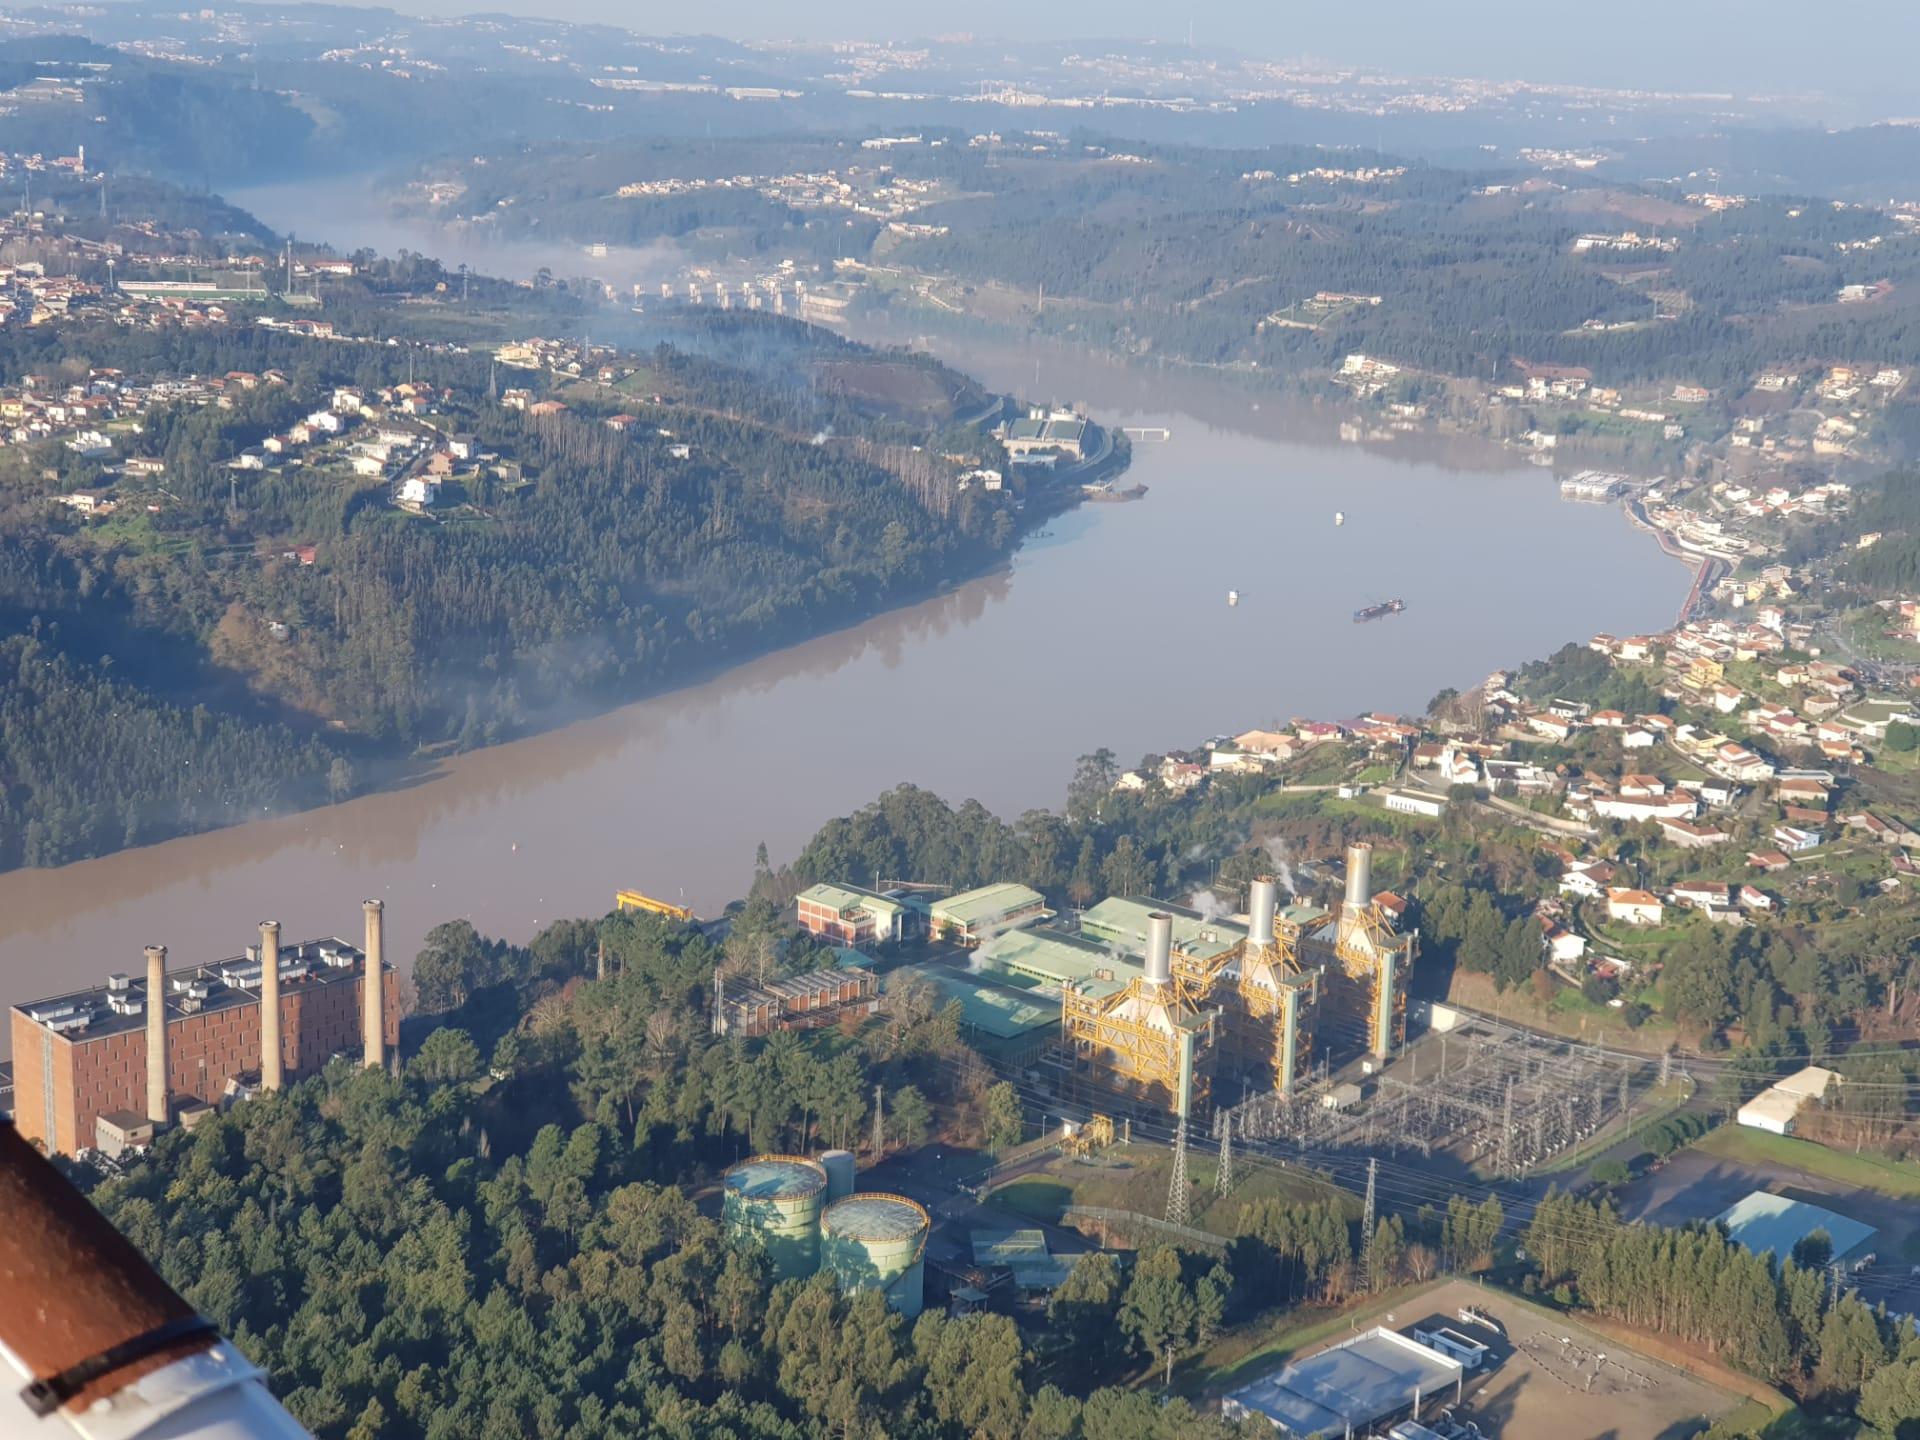 LM-Arquivo-Douro-Paiva-Foto-Aerea-ETA-Lever-066